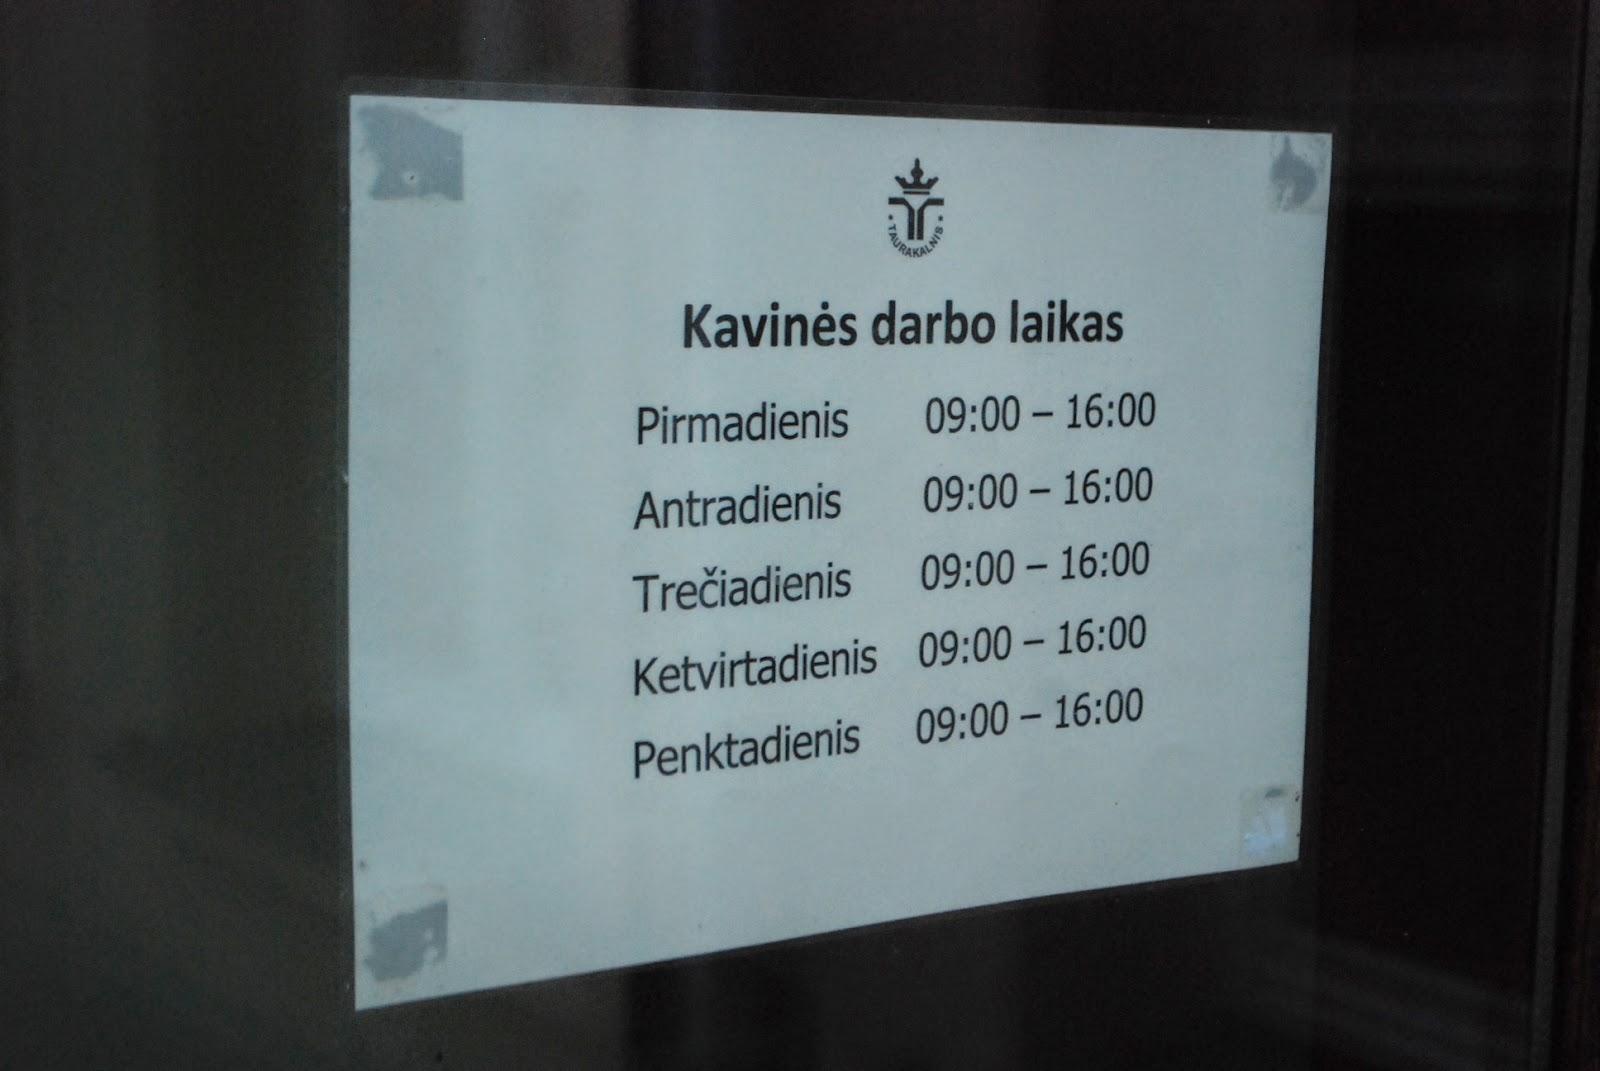 Расписание работы студенческого кафе, Вильнюс, Литва.